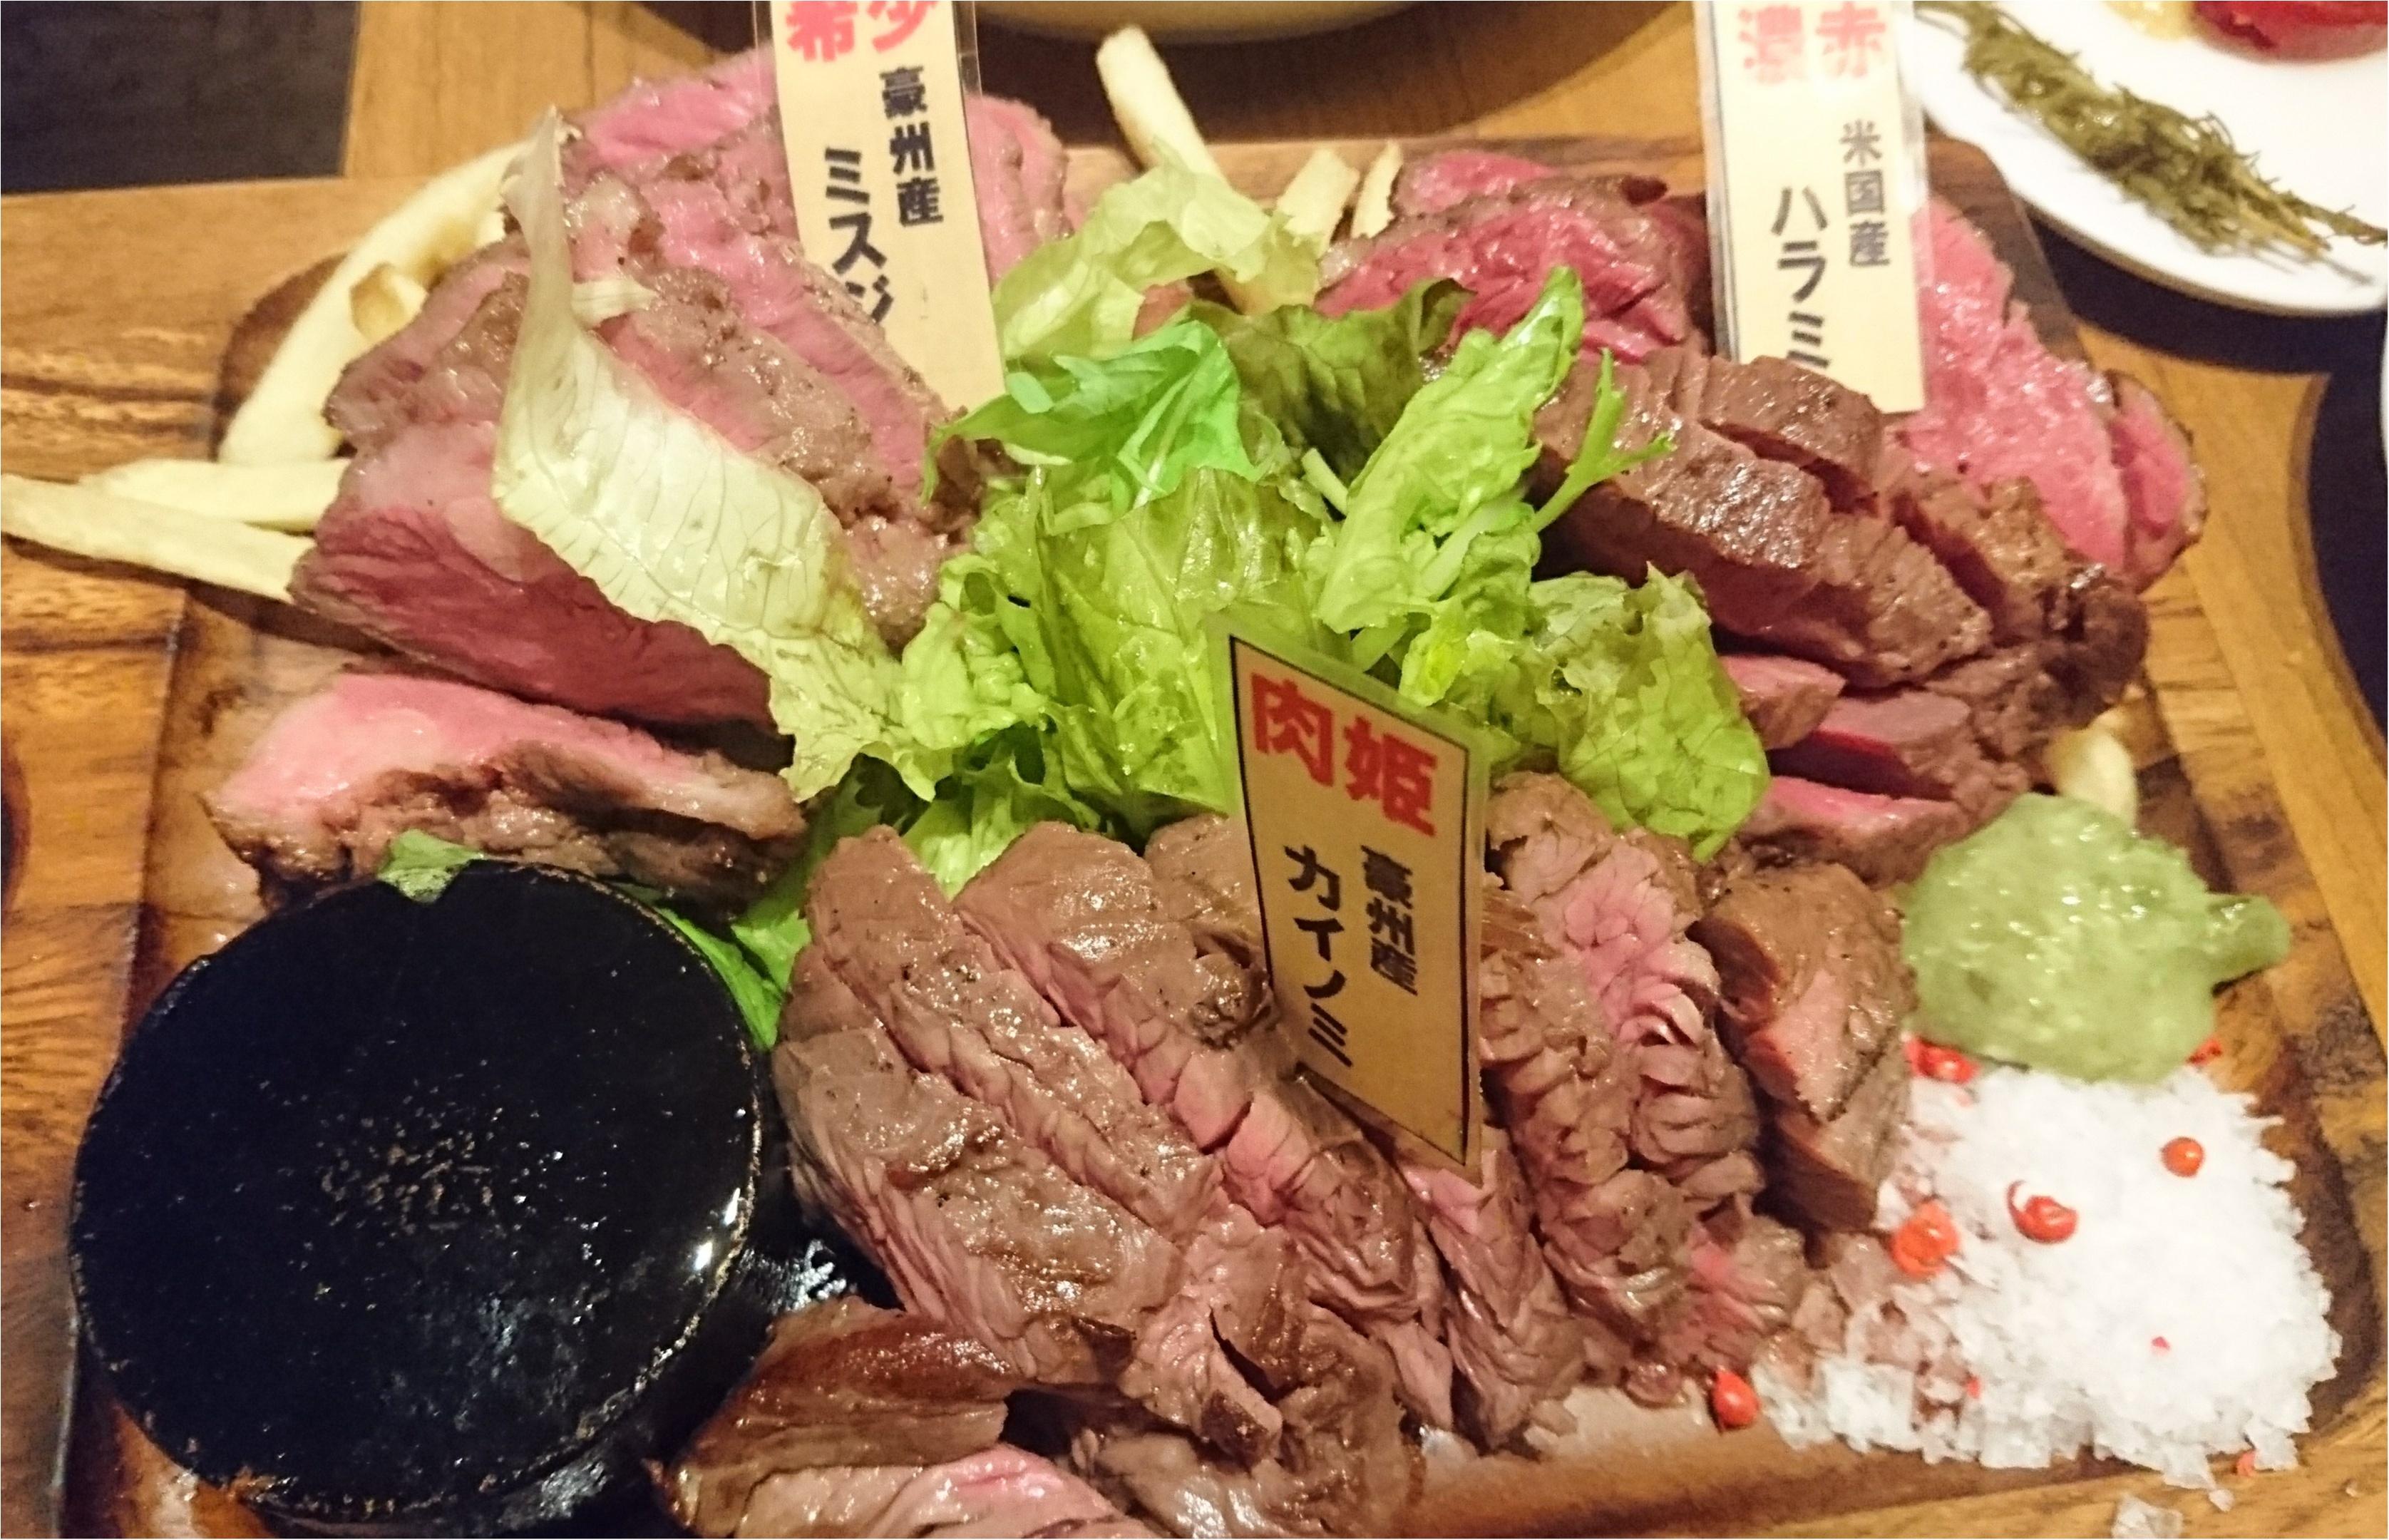 お肉が食べたくなったら肉バル!ひっそりとこんなところでおいしいお肉が食べられる\(^^)/_2